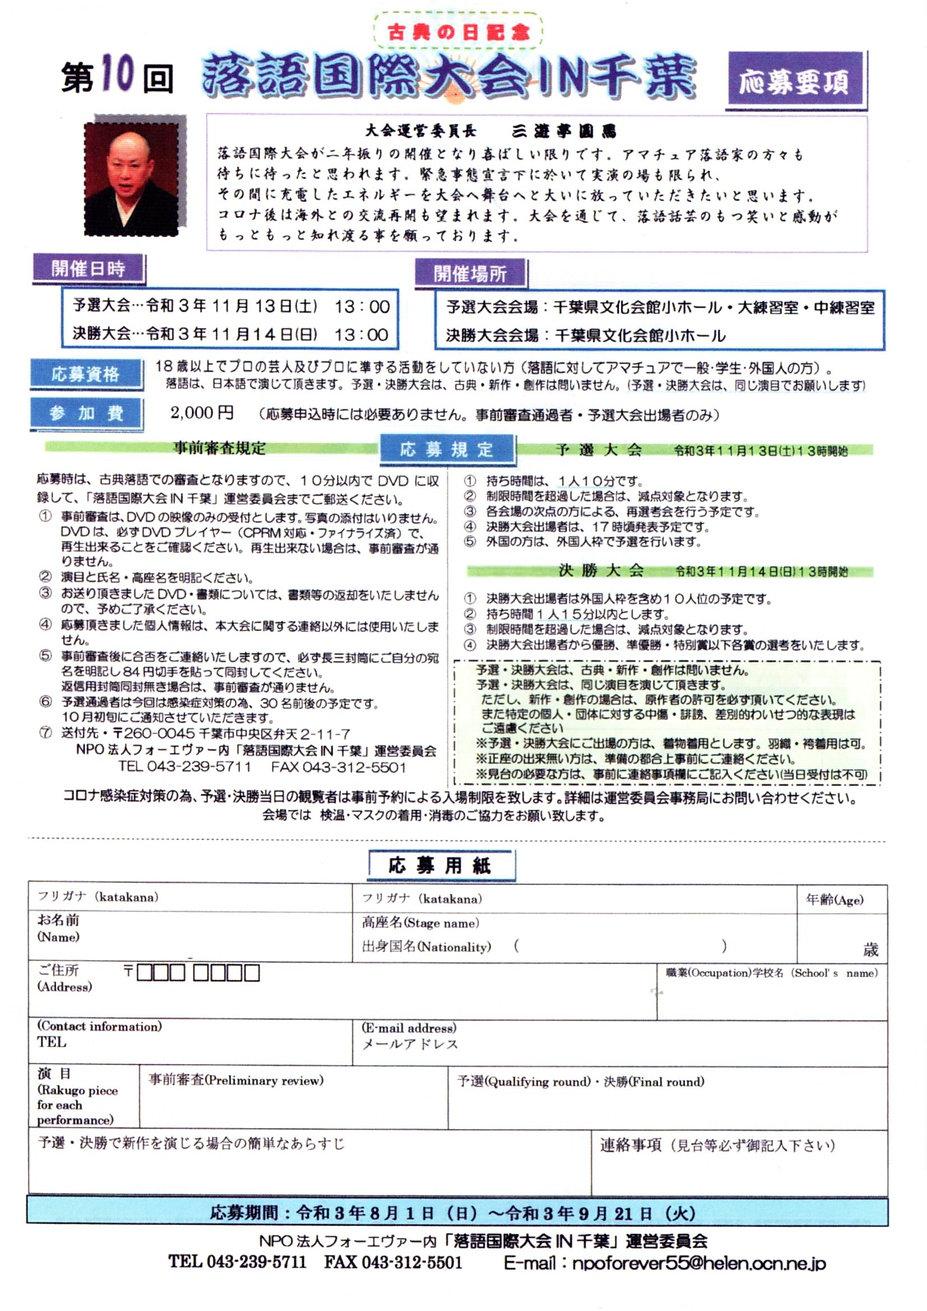 2021.第10回落語国際大会IN千葉応募要項.jpg